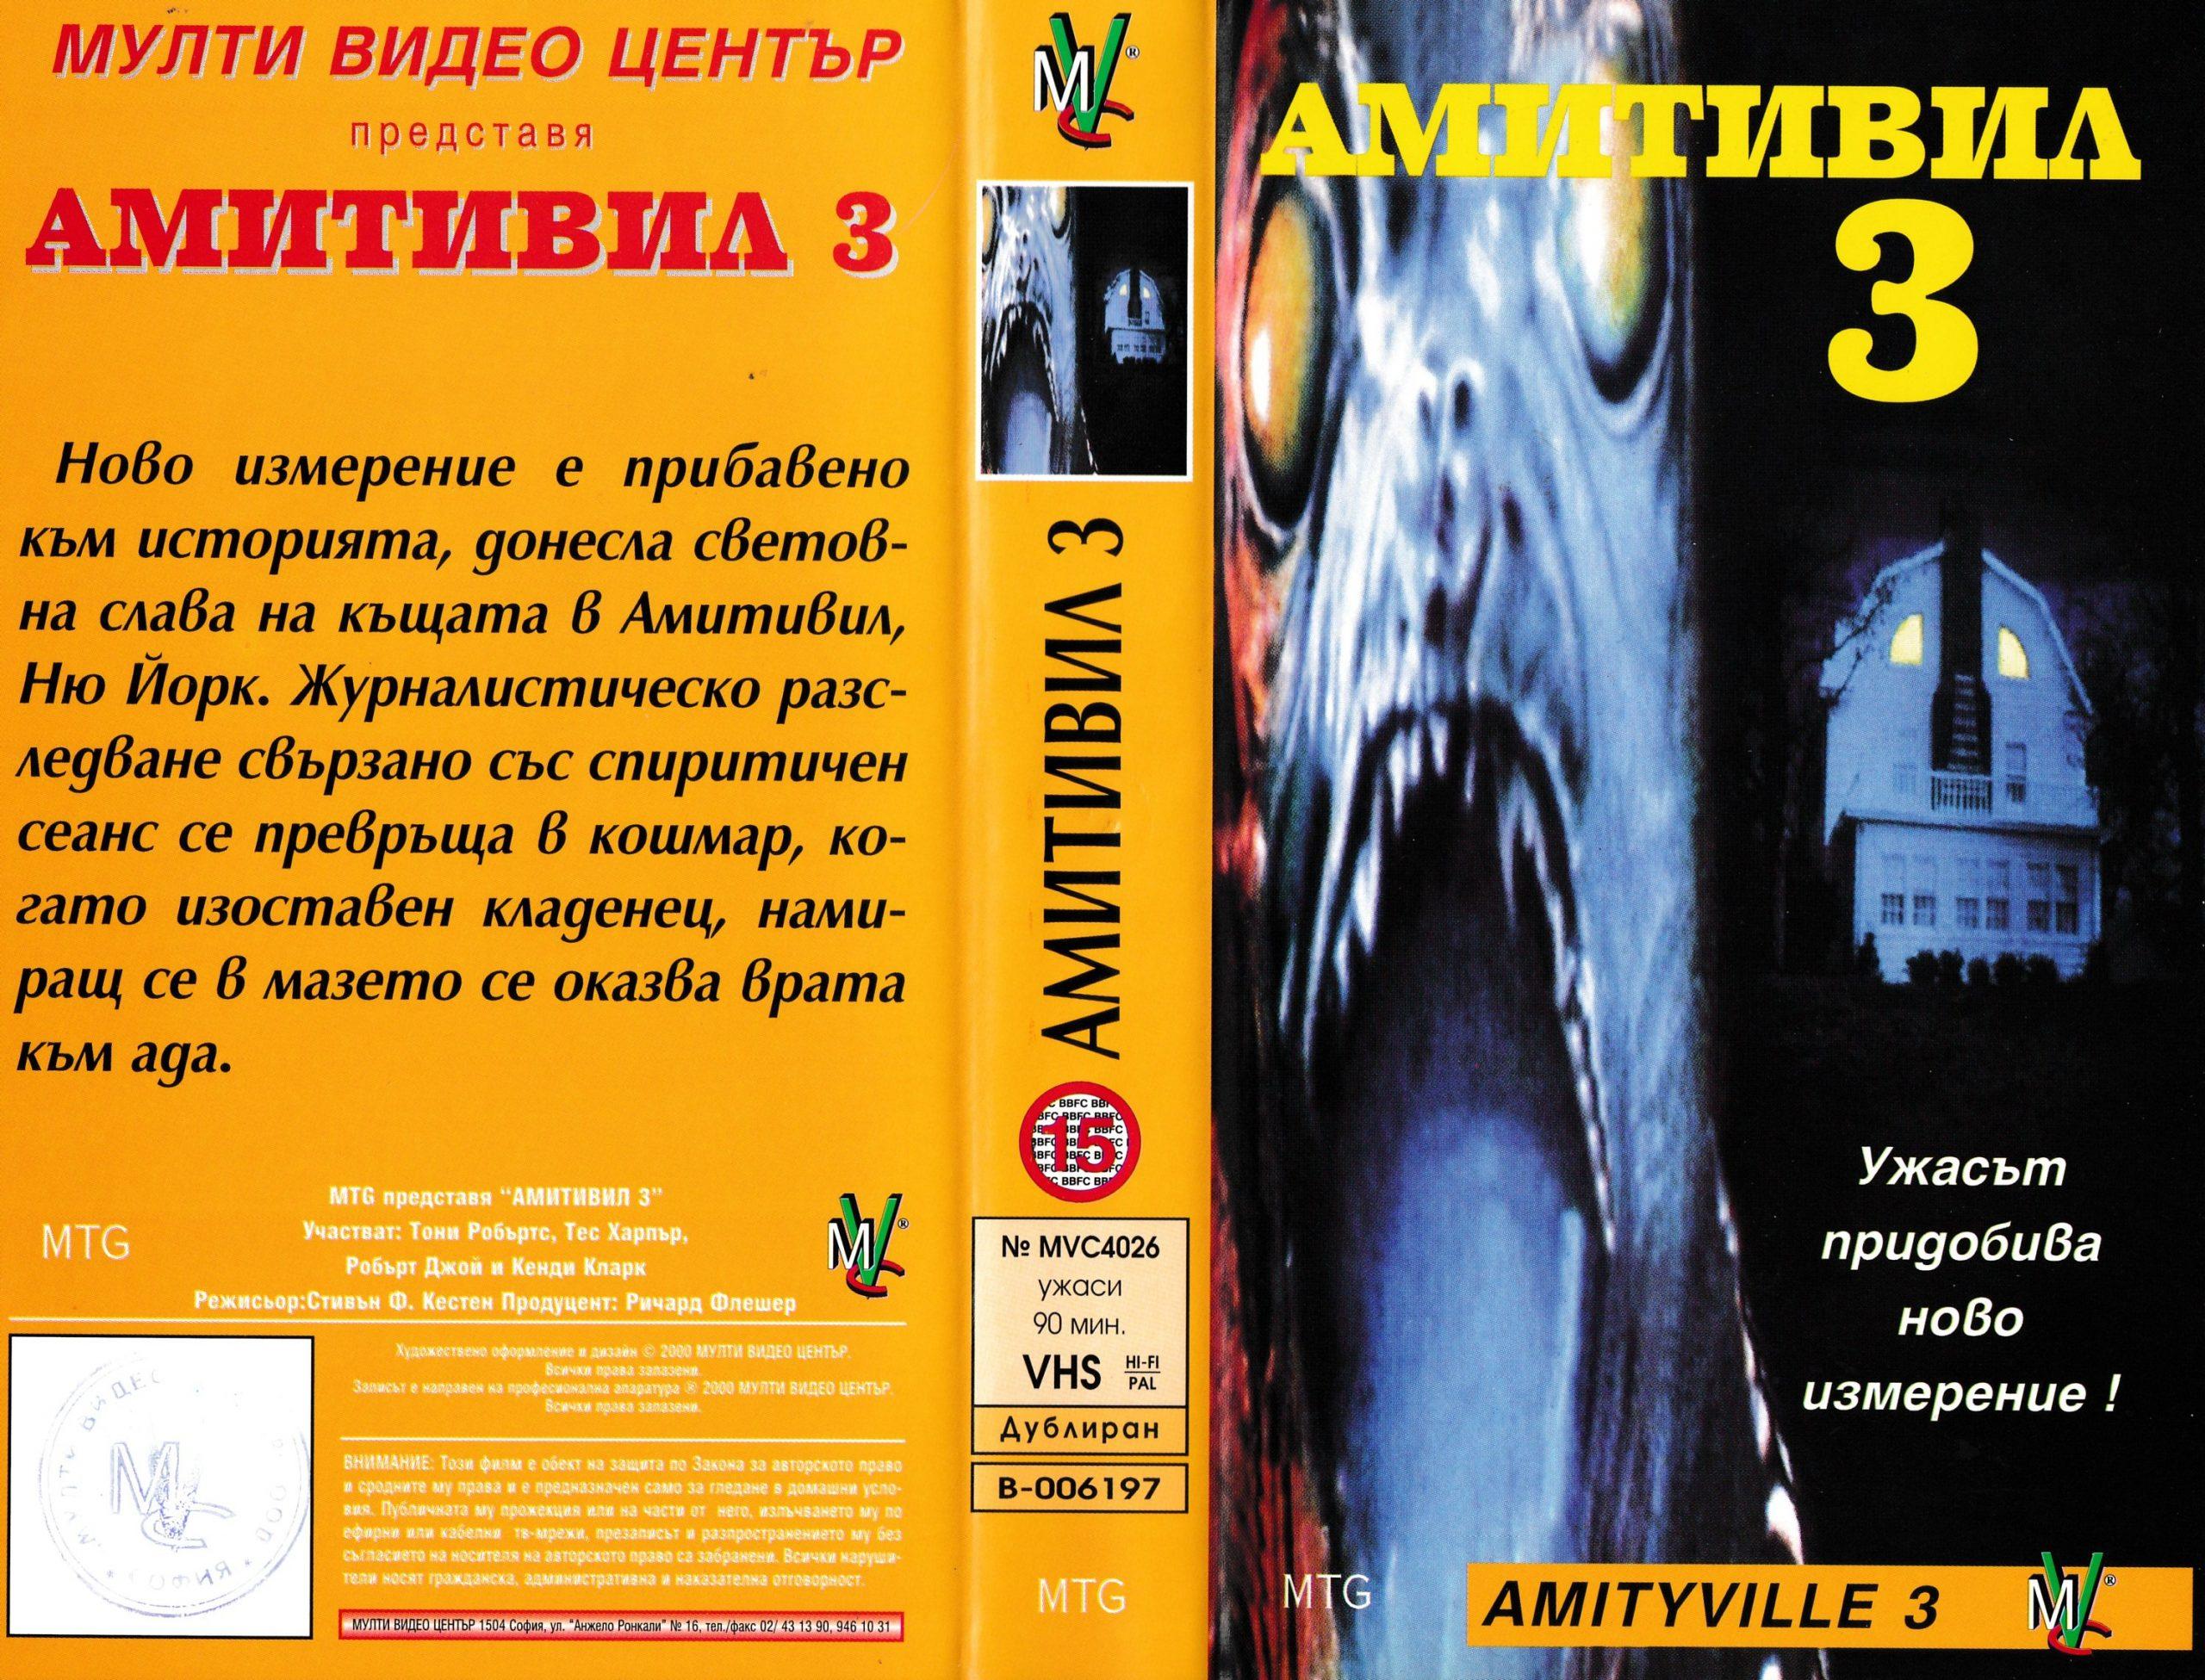 Амитивил 3 филм